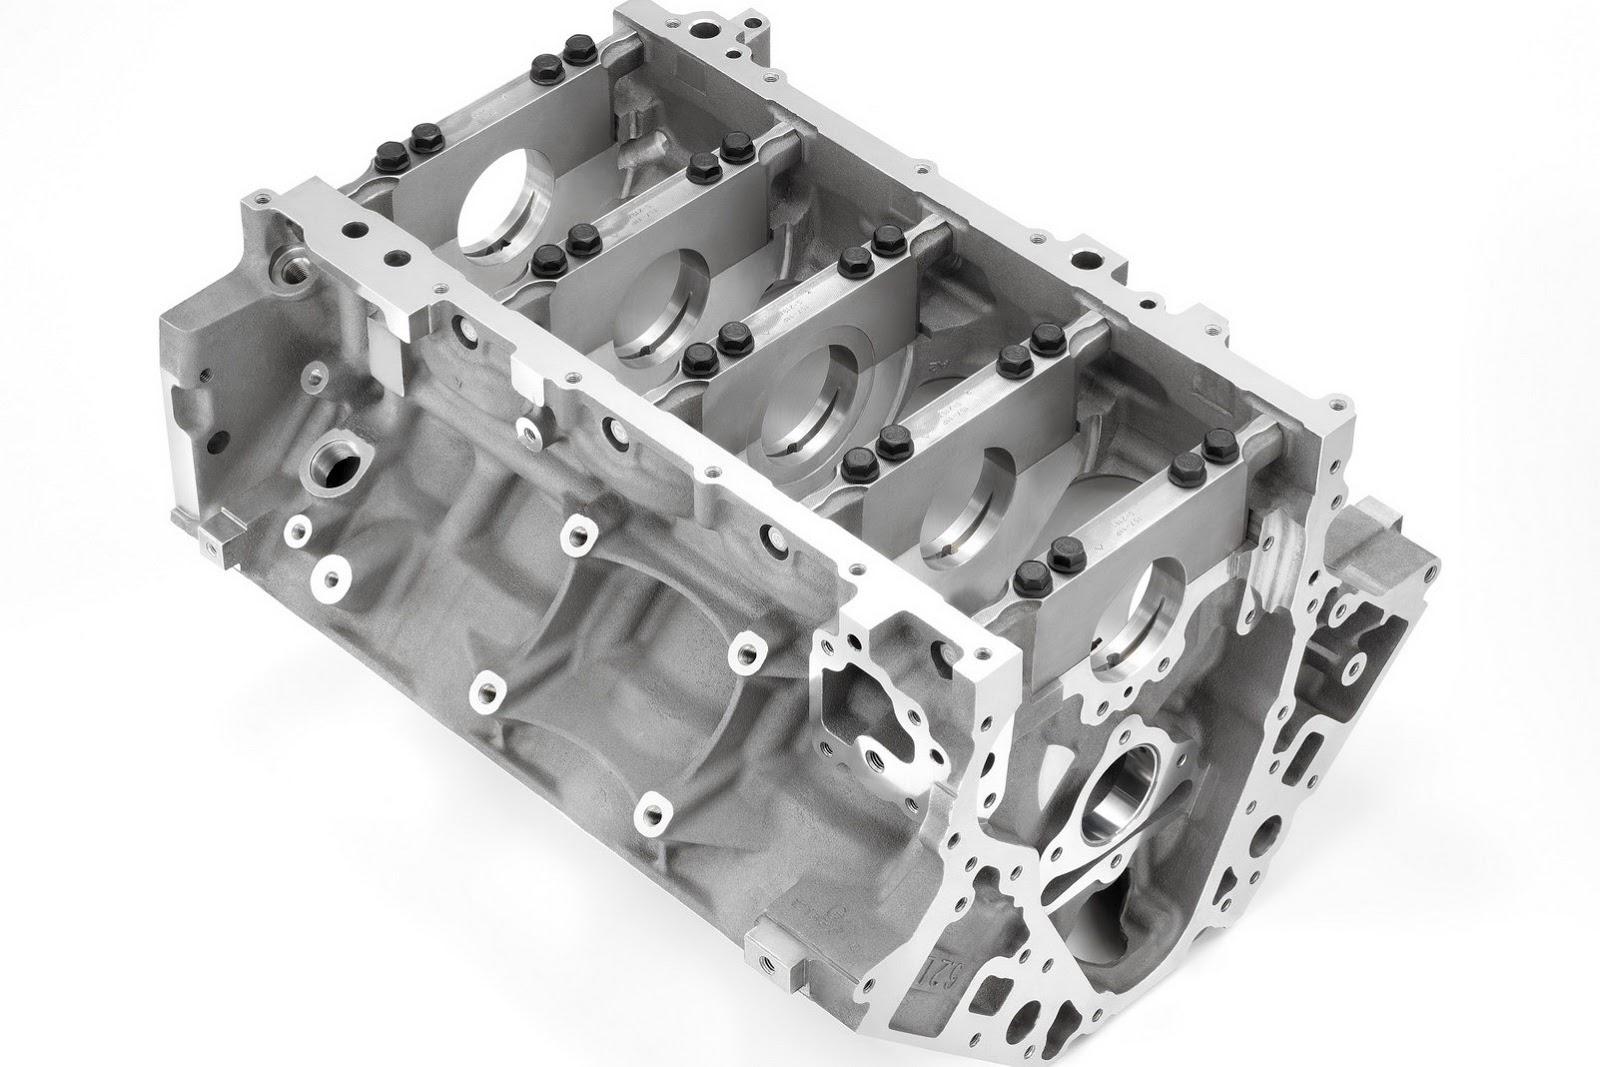 Chevrolet Reveals Gen 5 LT1 V8 For C7 Corvette 450 HP 62